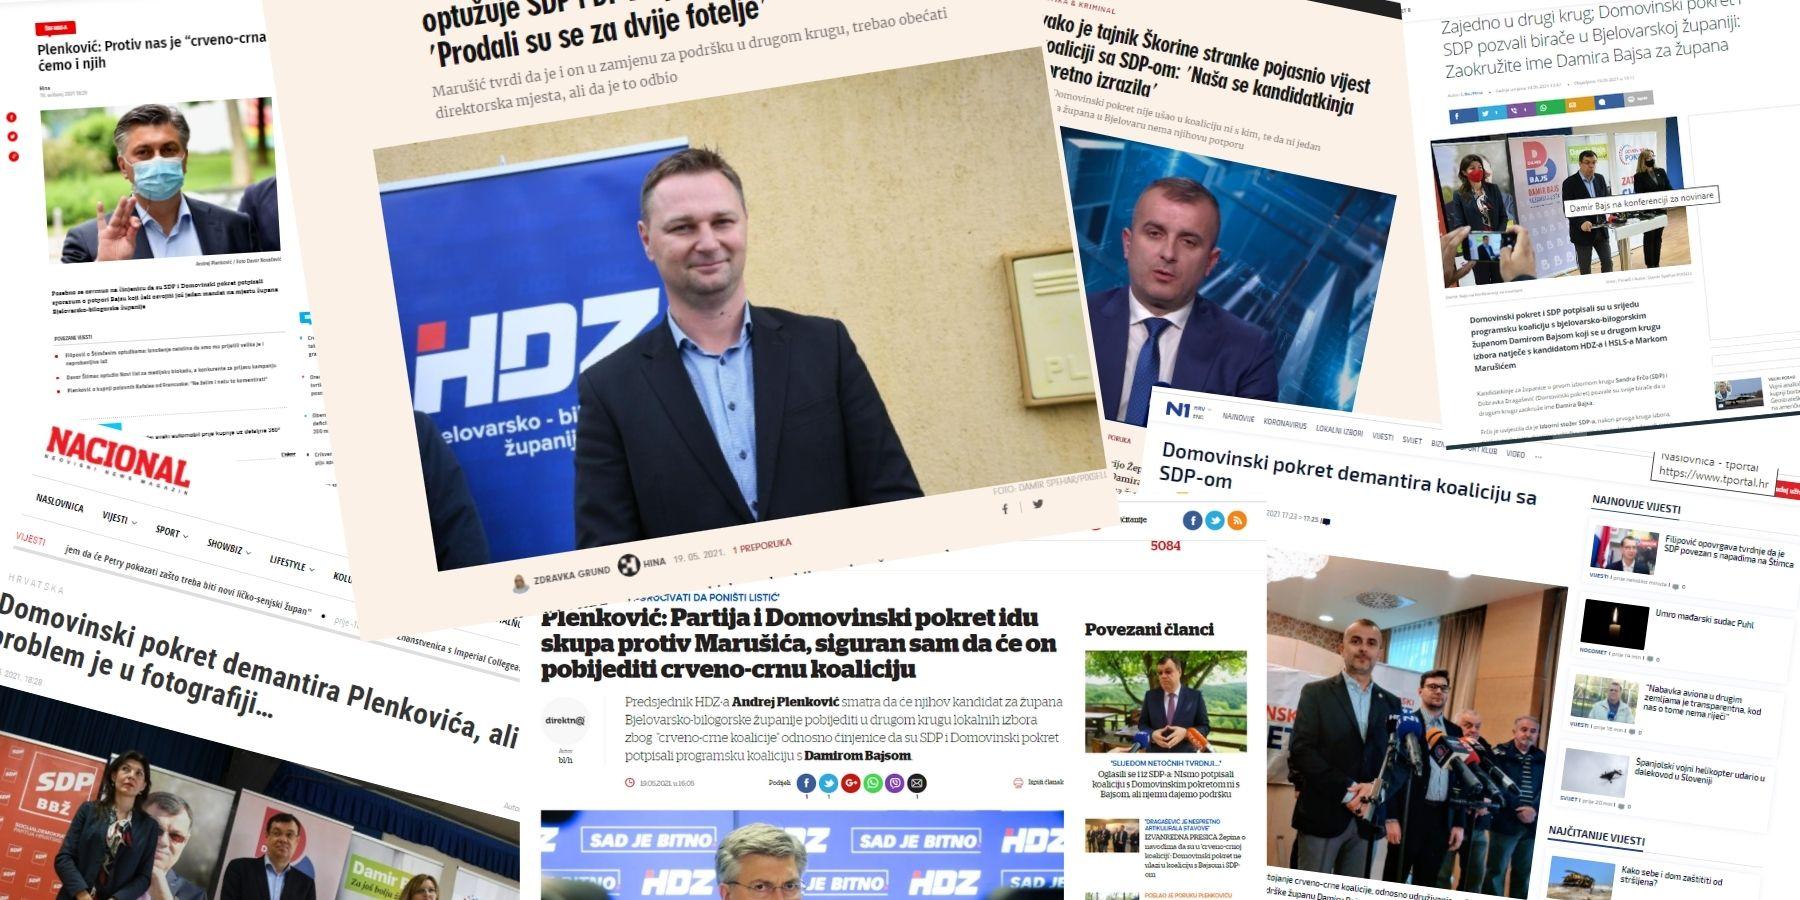 Nacionalni mediji o izborima u Bjelovarsko-bilogorskoj županiji